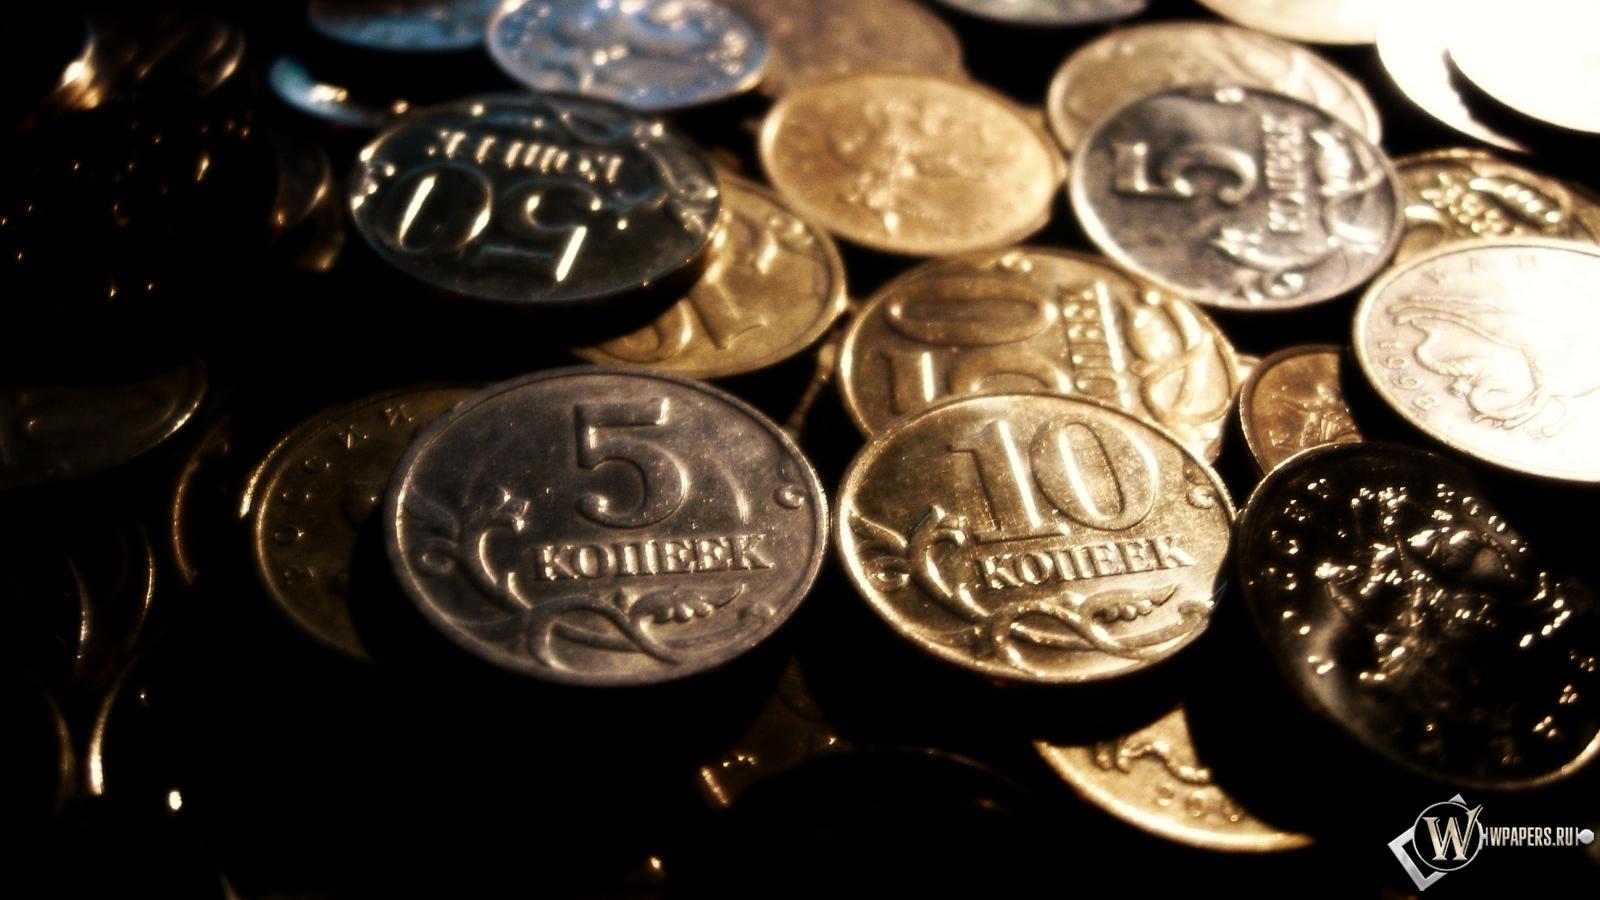 Цены 2013 на монеты России